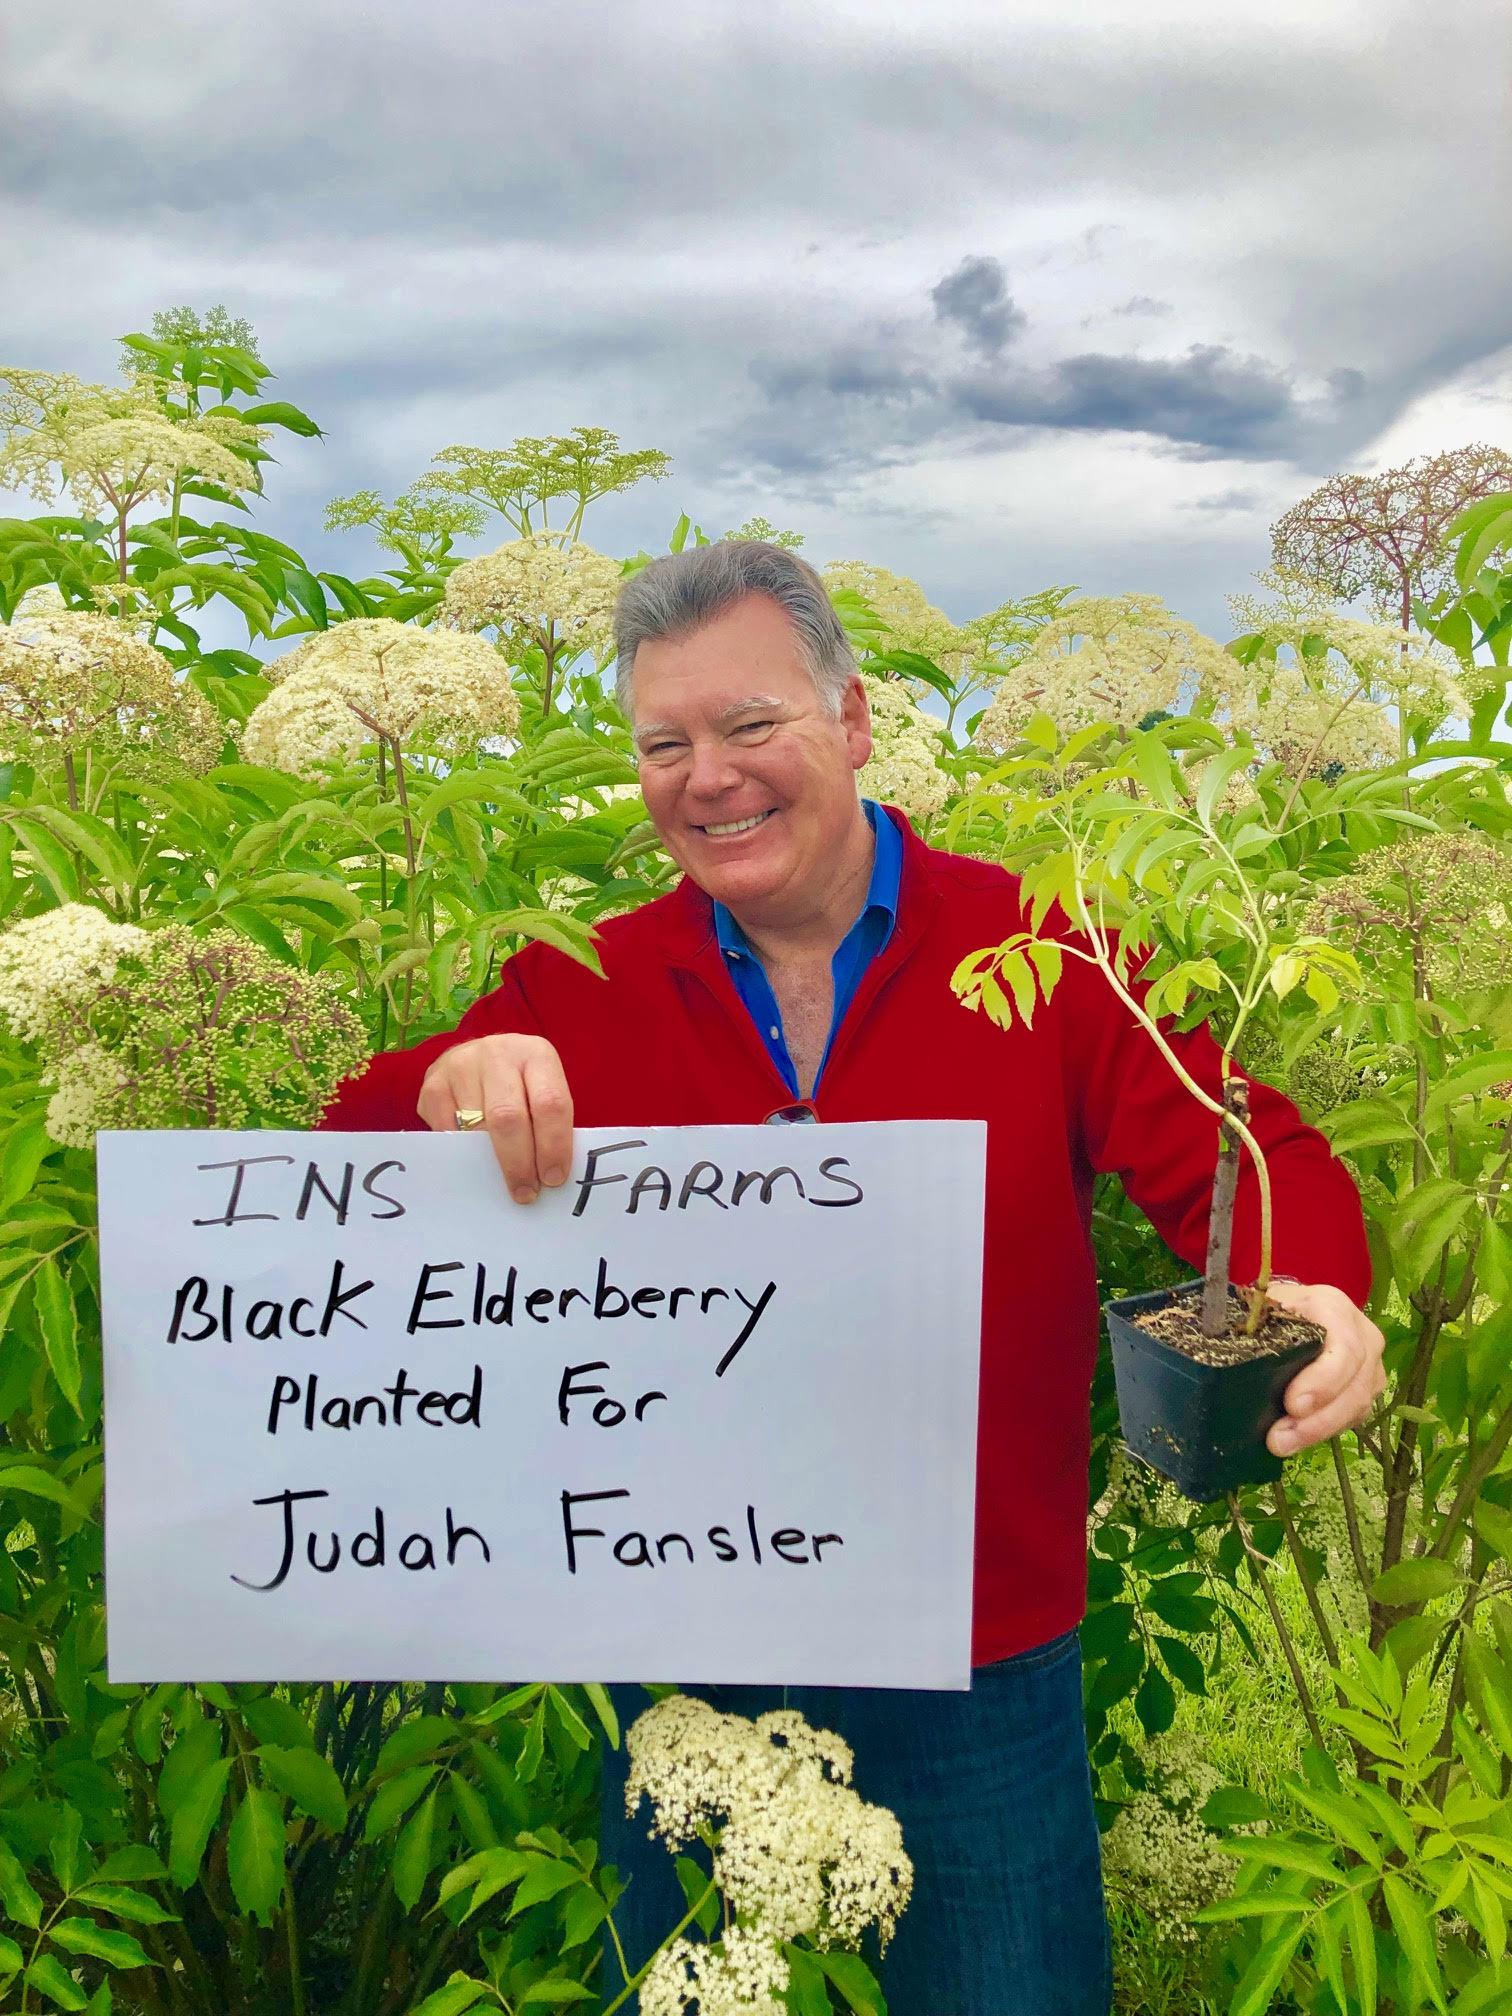 Plant-Elderberry-Judah-Fansler.jpg